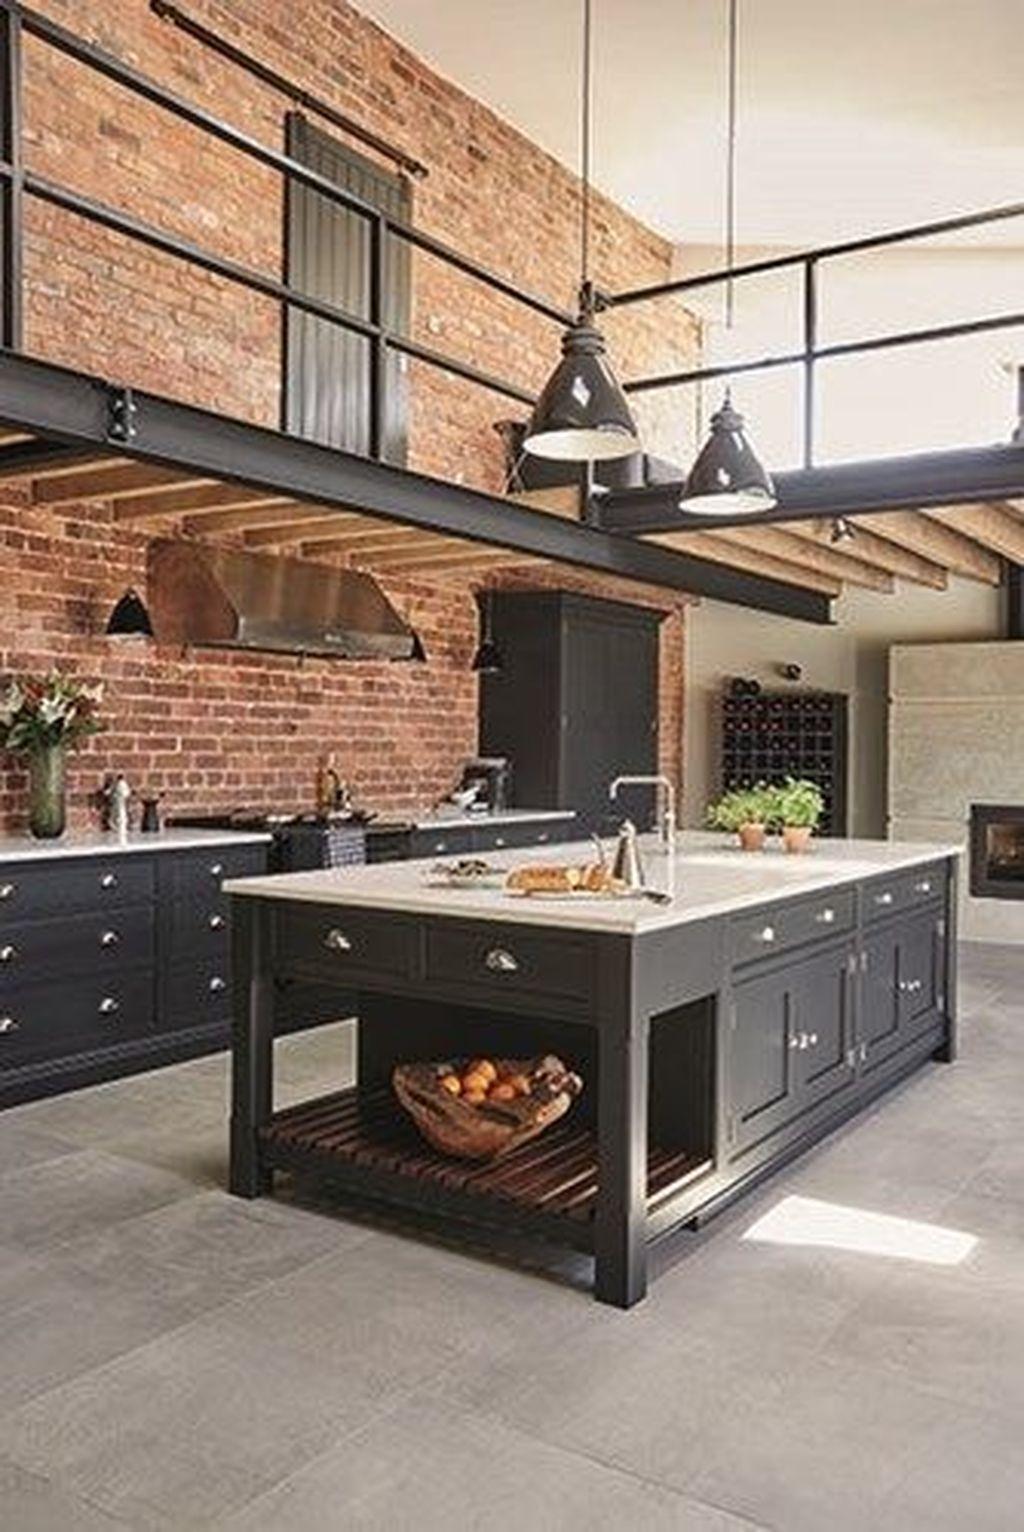 62 Stylish Industrial Kitchen Design Ideas | Designs, Wohnraum und Küche